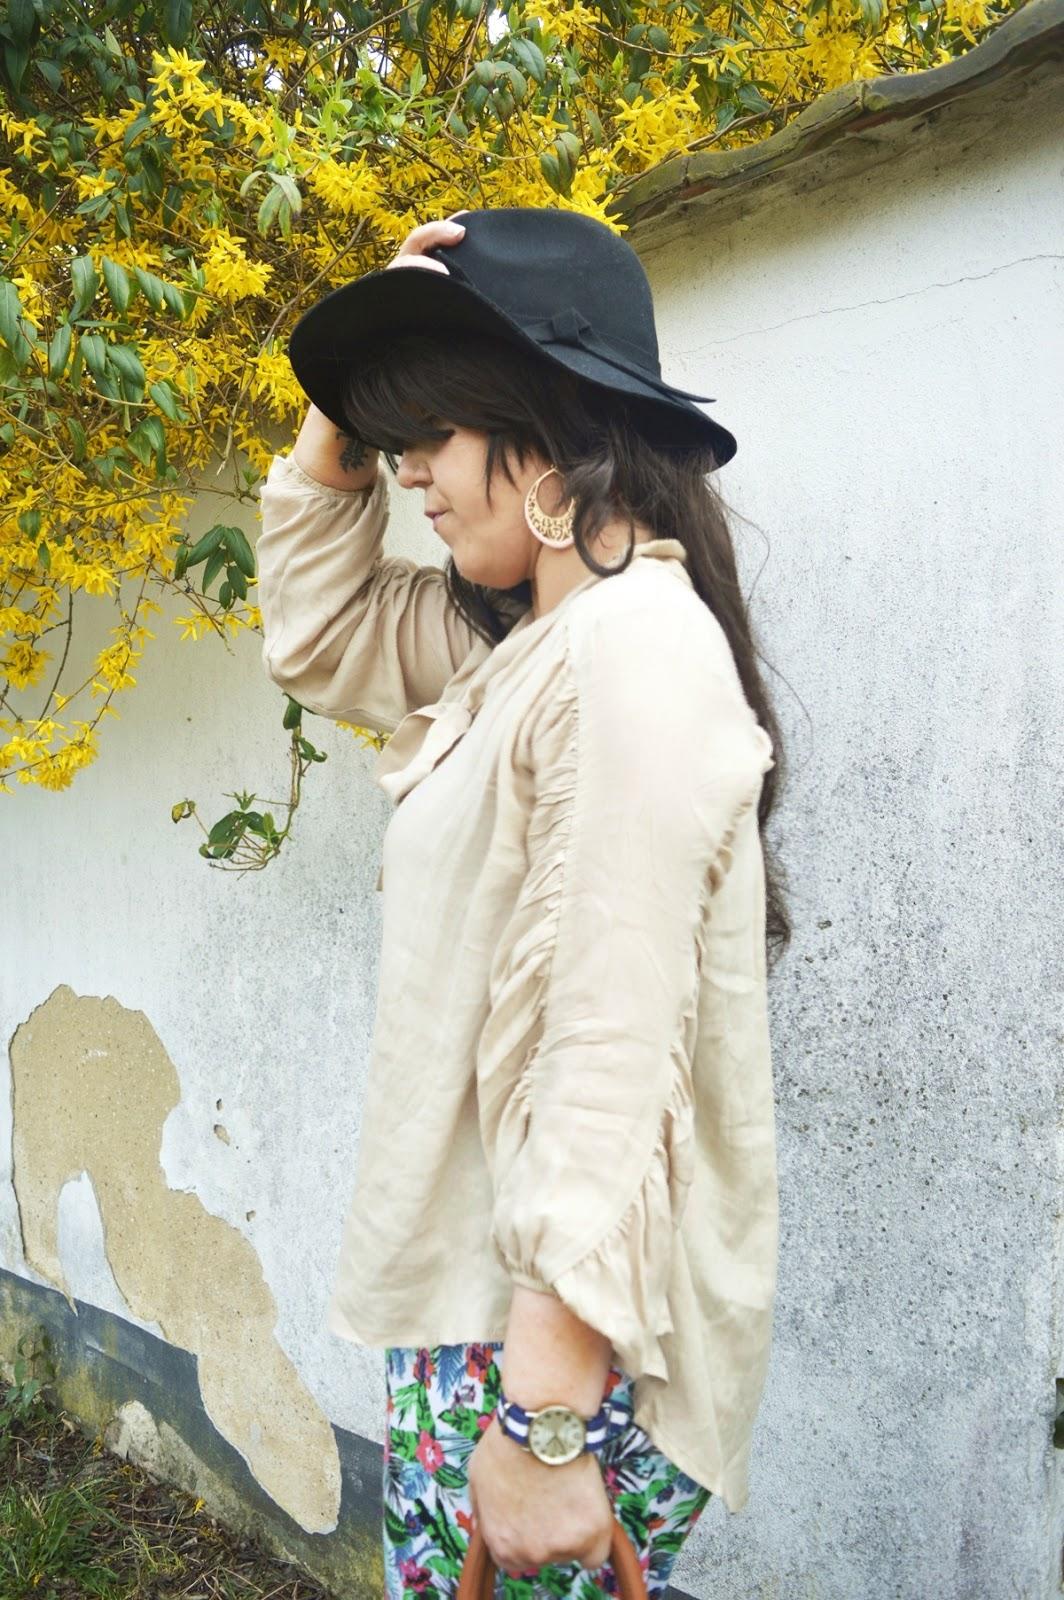 Harem pants & blouse with black hat